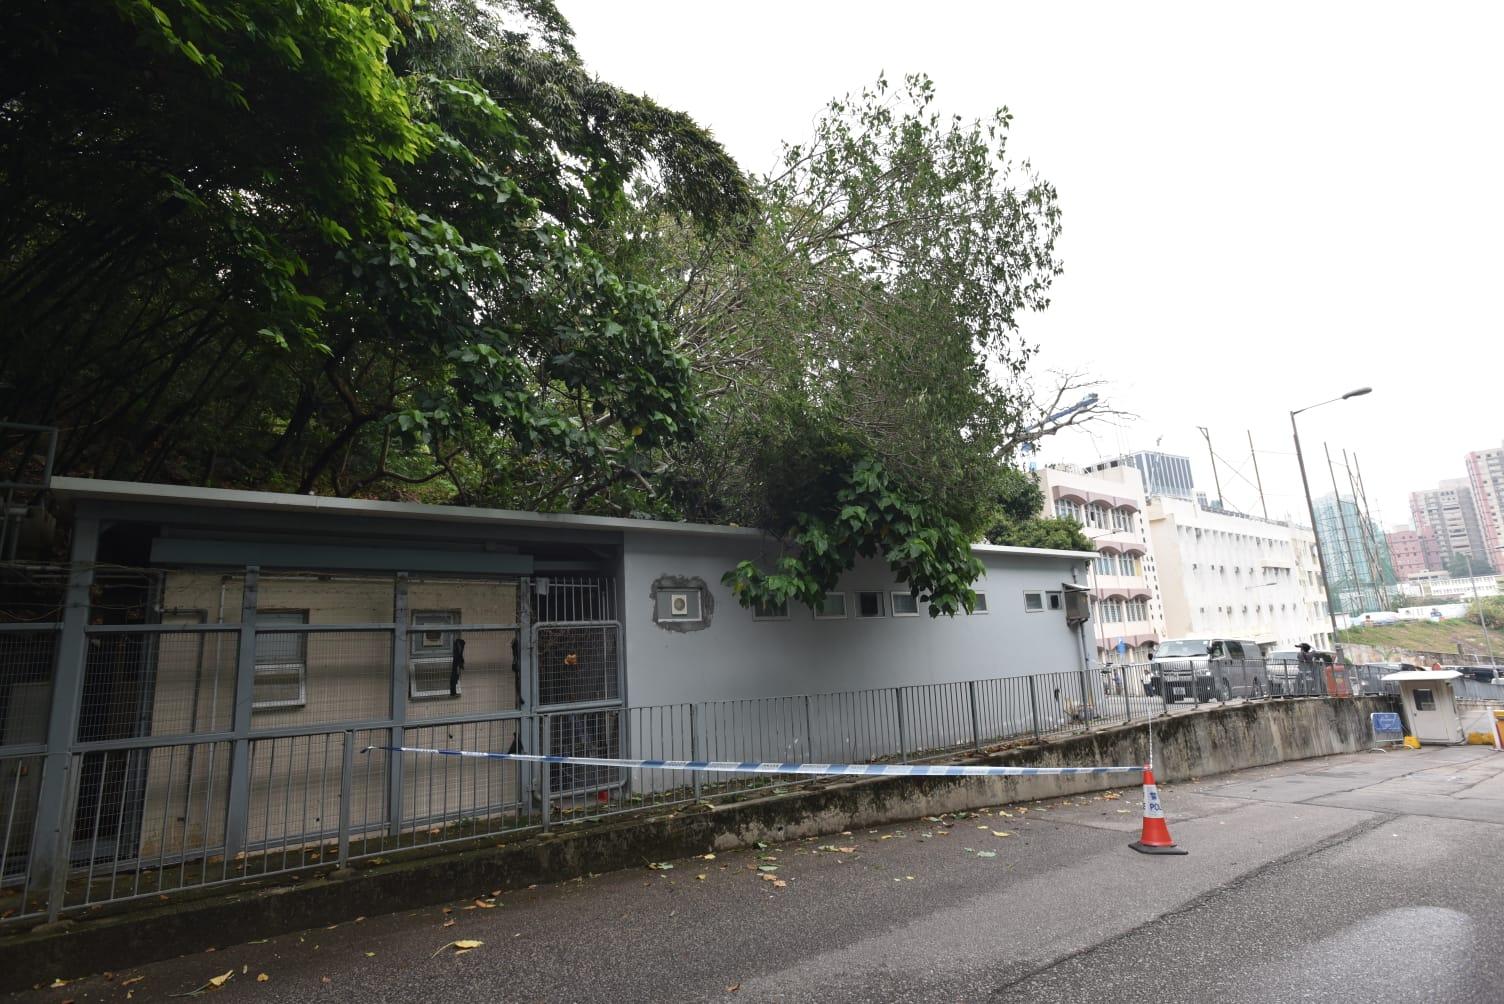 現場是銅鑼灣大球場徑1號掃桿埔駕駛考試中心。 楊偉亨攝